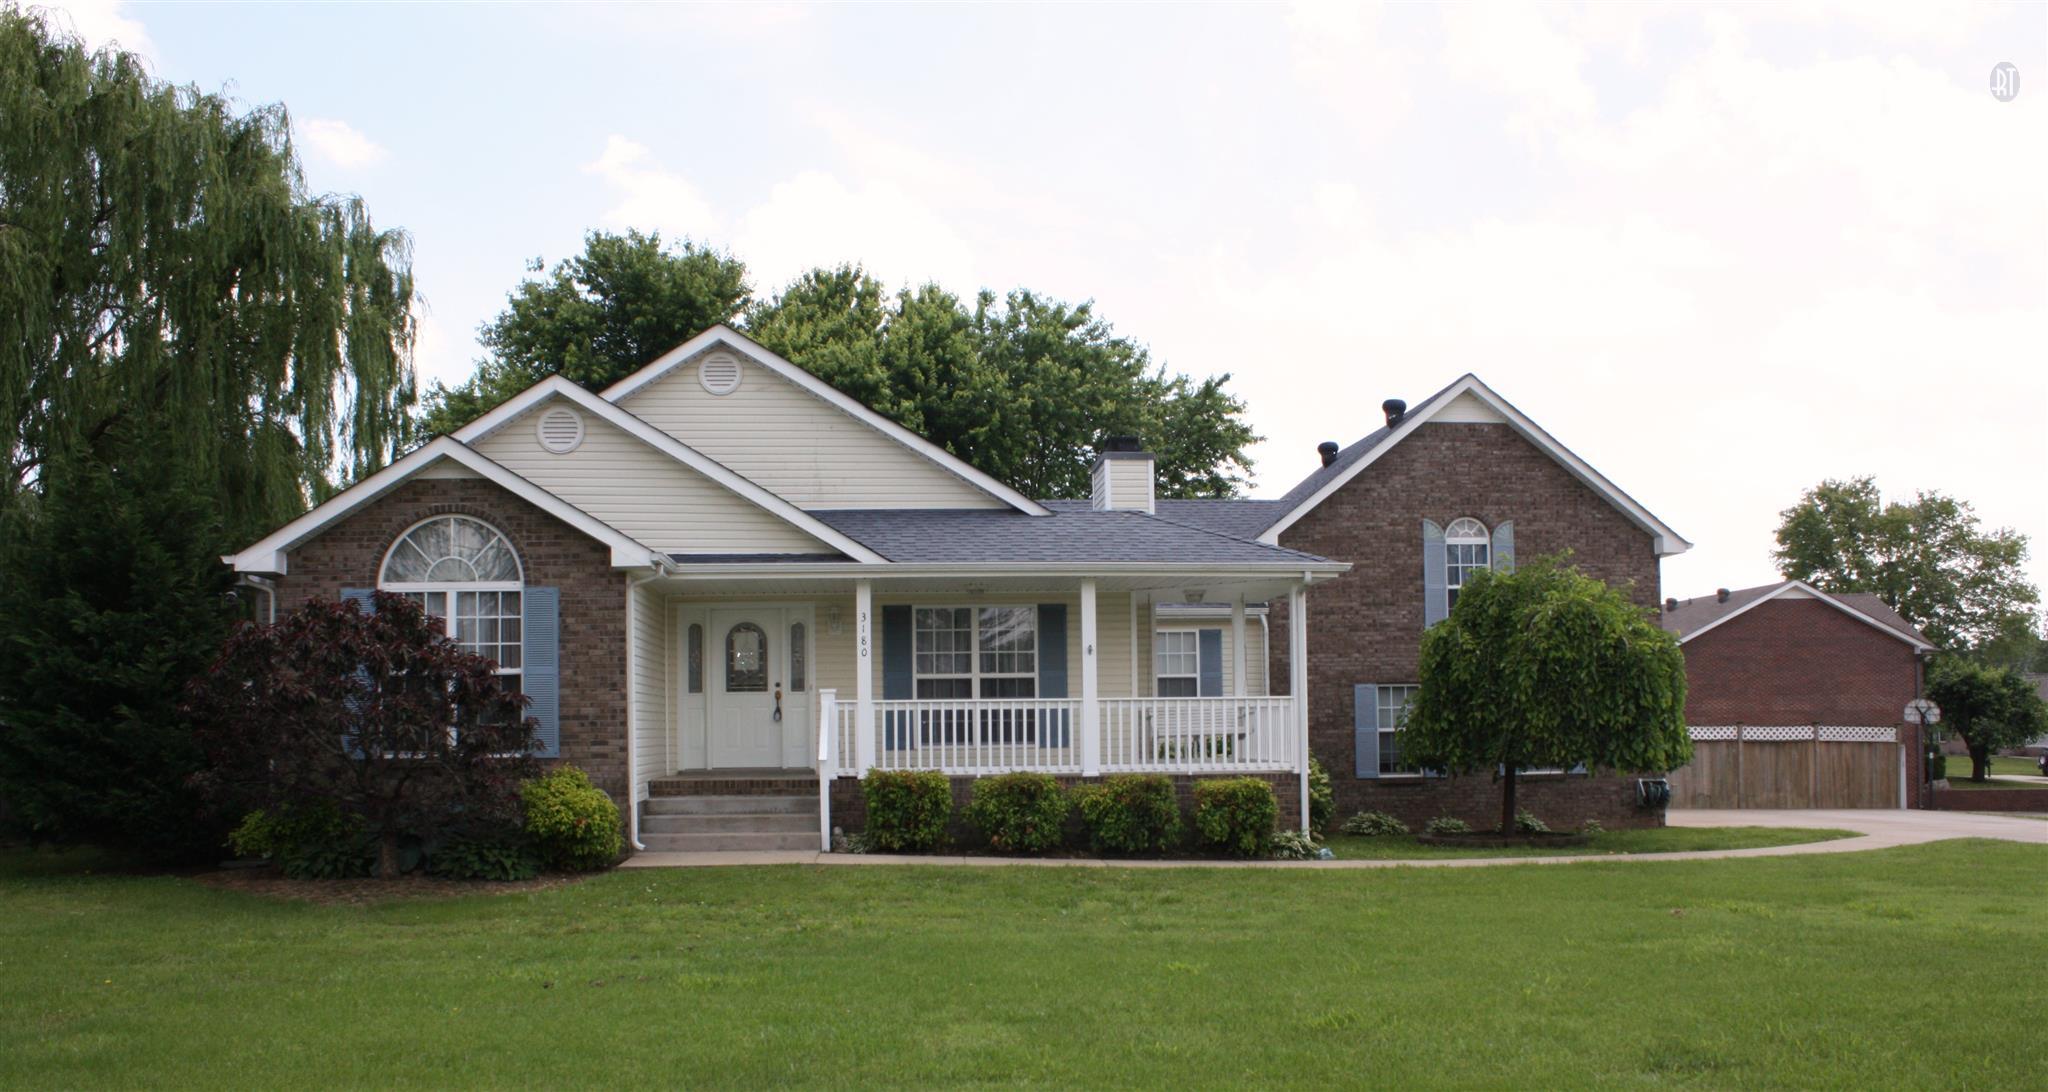 3180 Arrow Ln, Clarksville, TN 37043